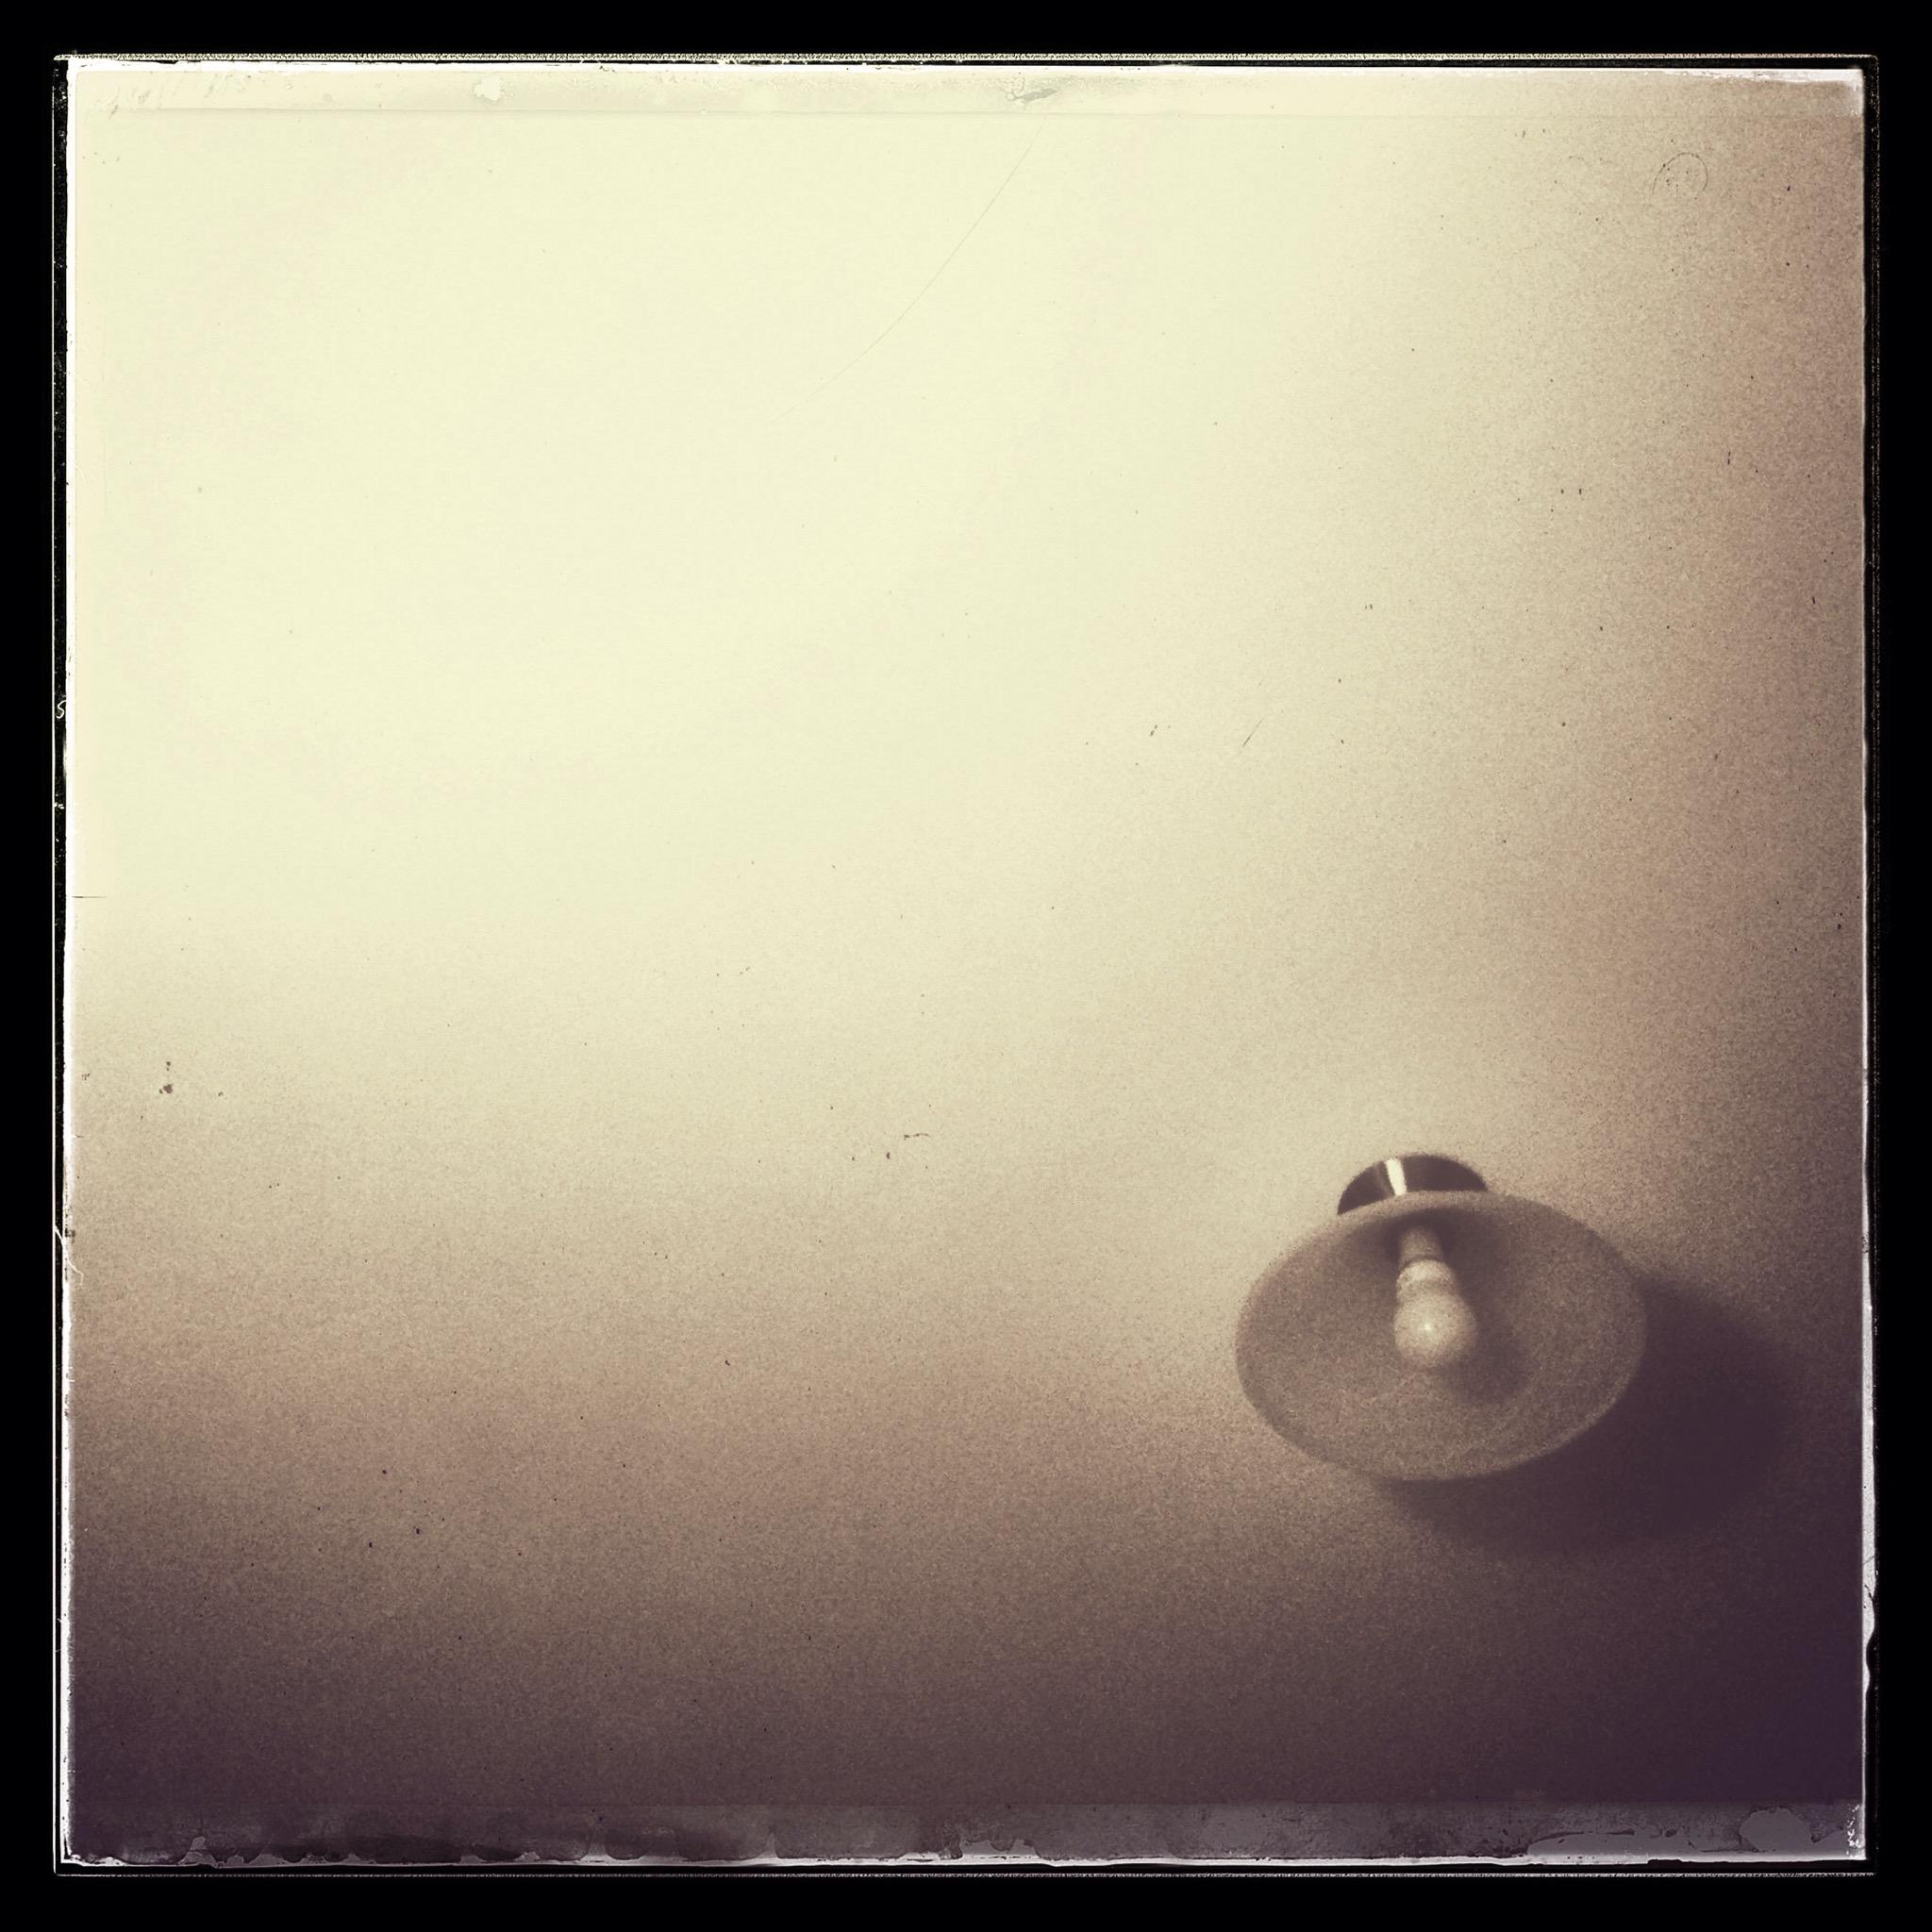 Day 1378. Left in the Dark